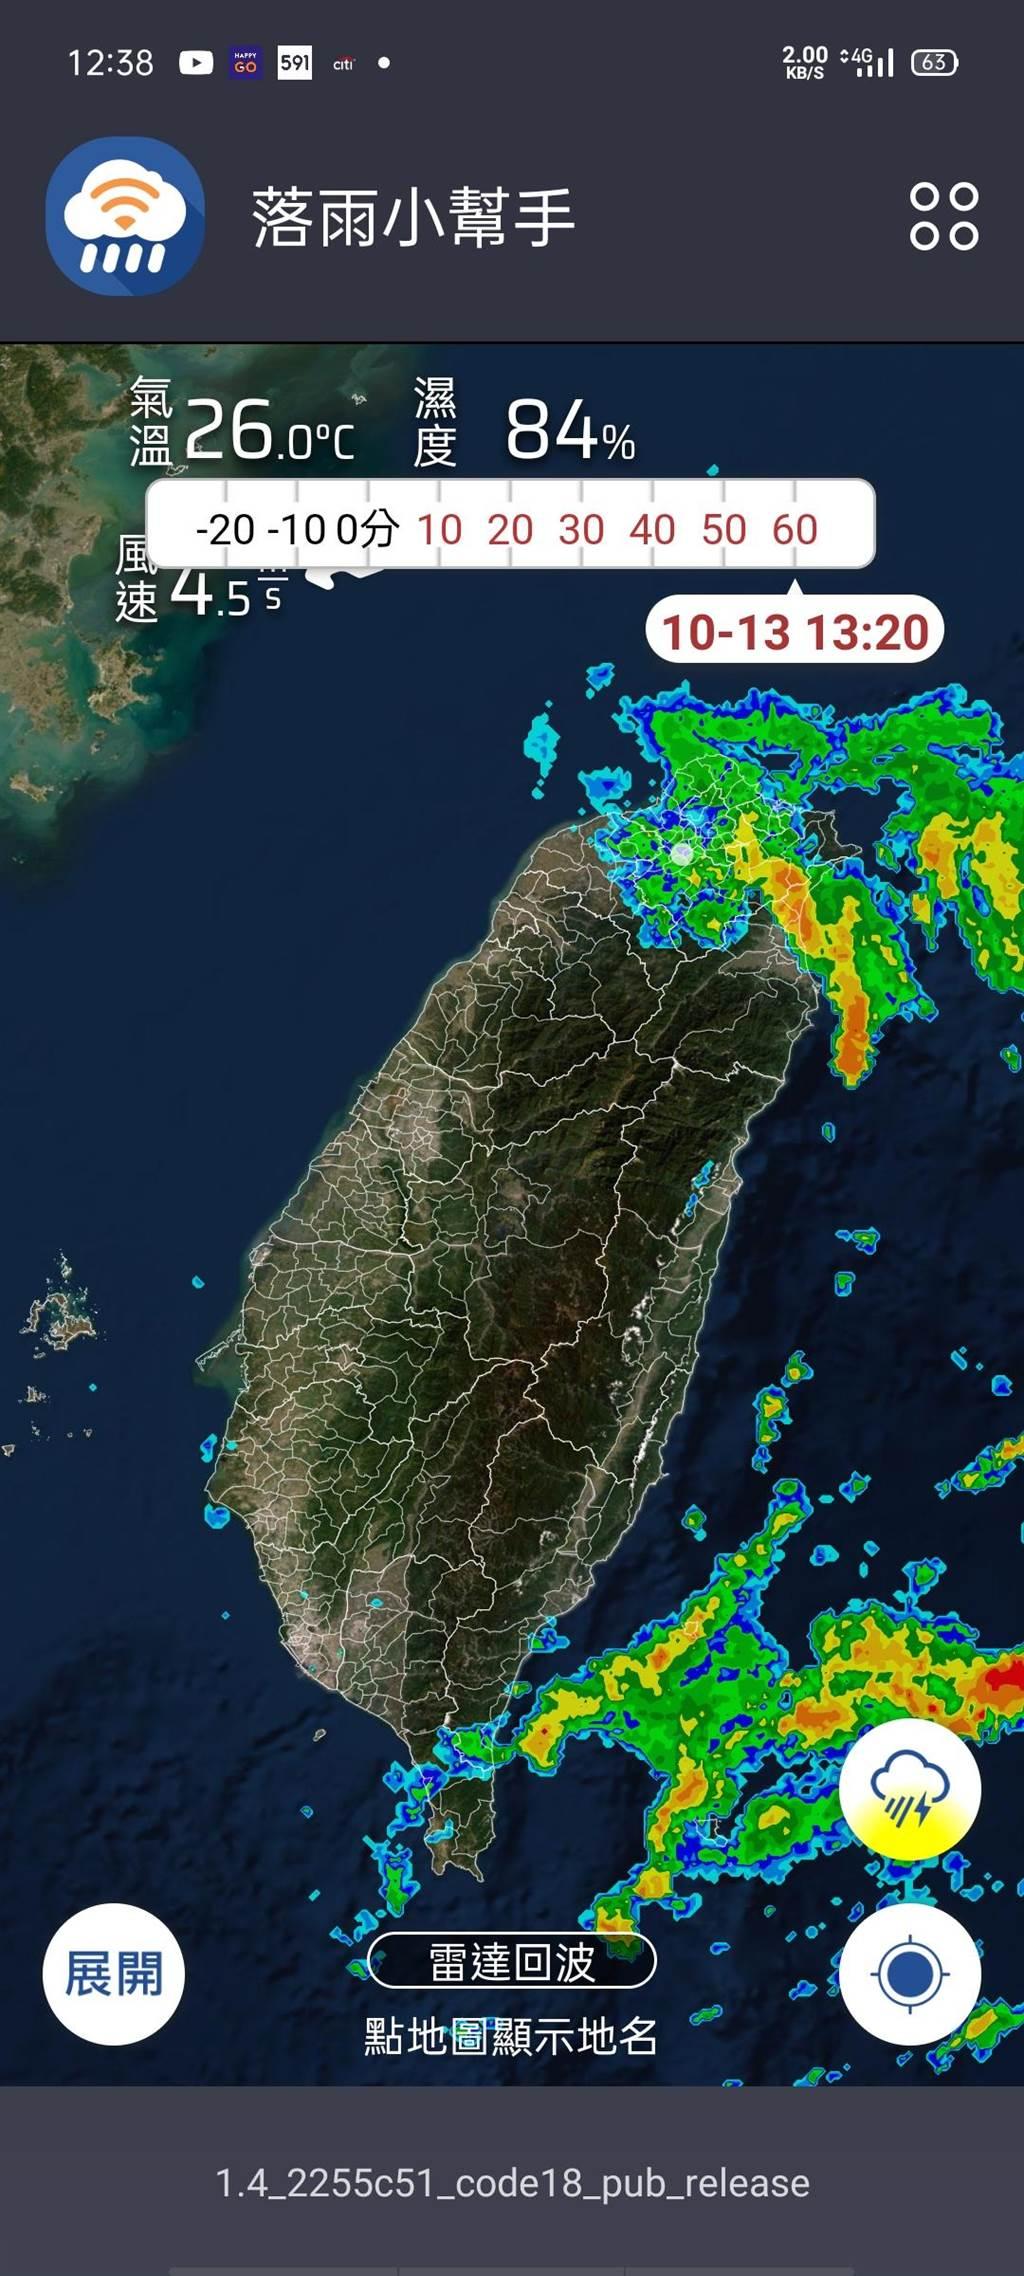 為協助民眾掌握下雨天氣情況,科技部攜手災防科技中心與中央氣象局,所打造的「落雨小幫手」APP今(13)日正式上線。(李侑珊翻攝)